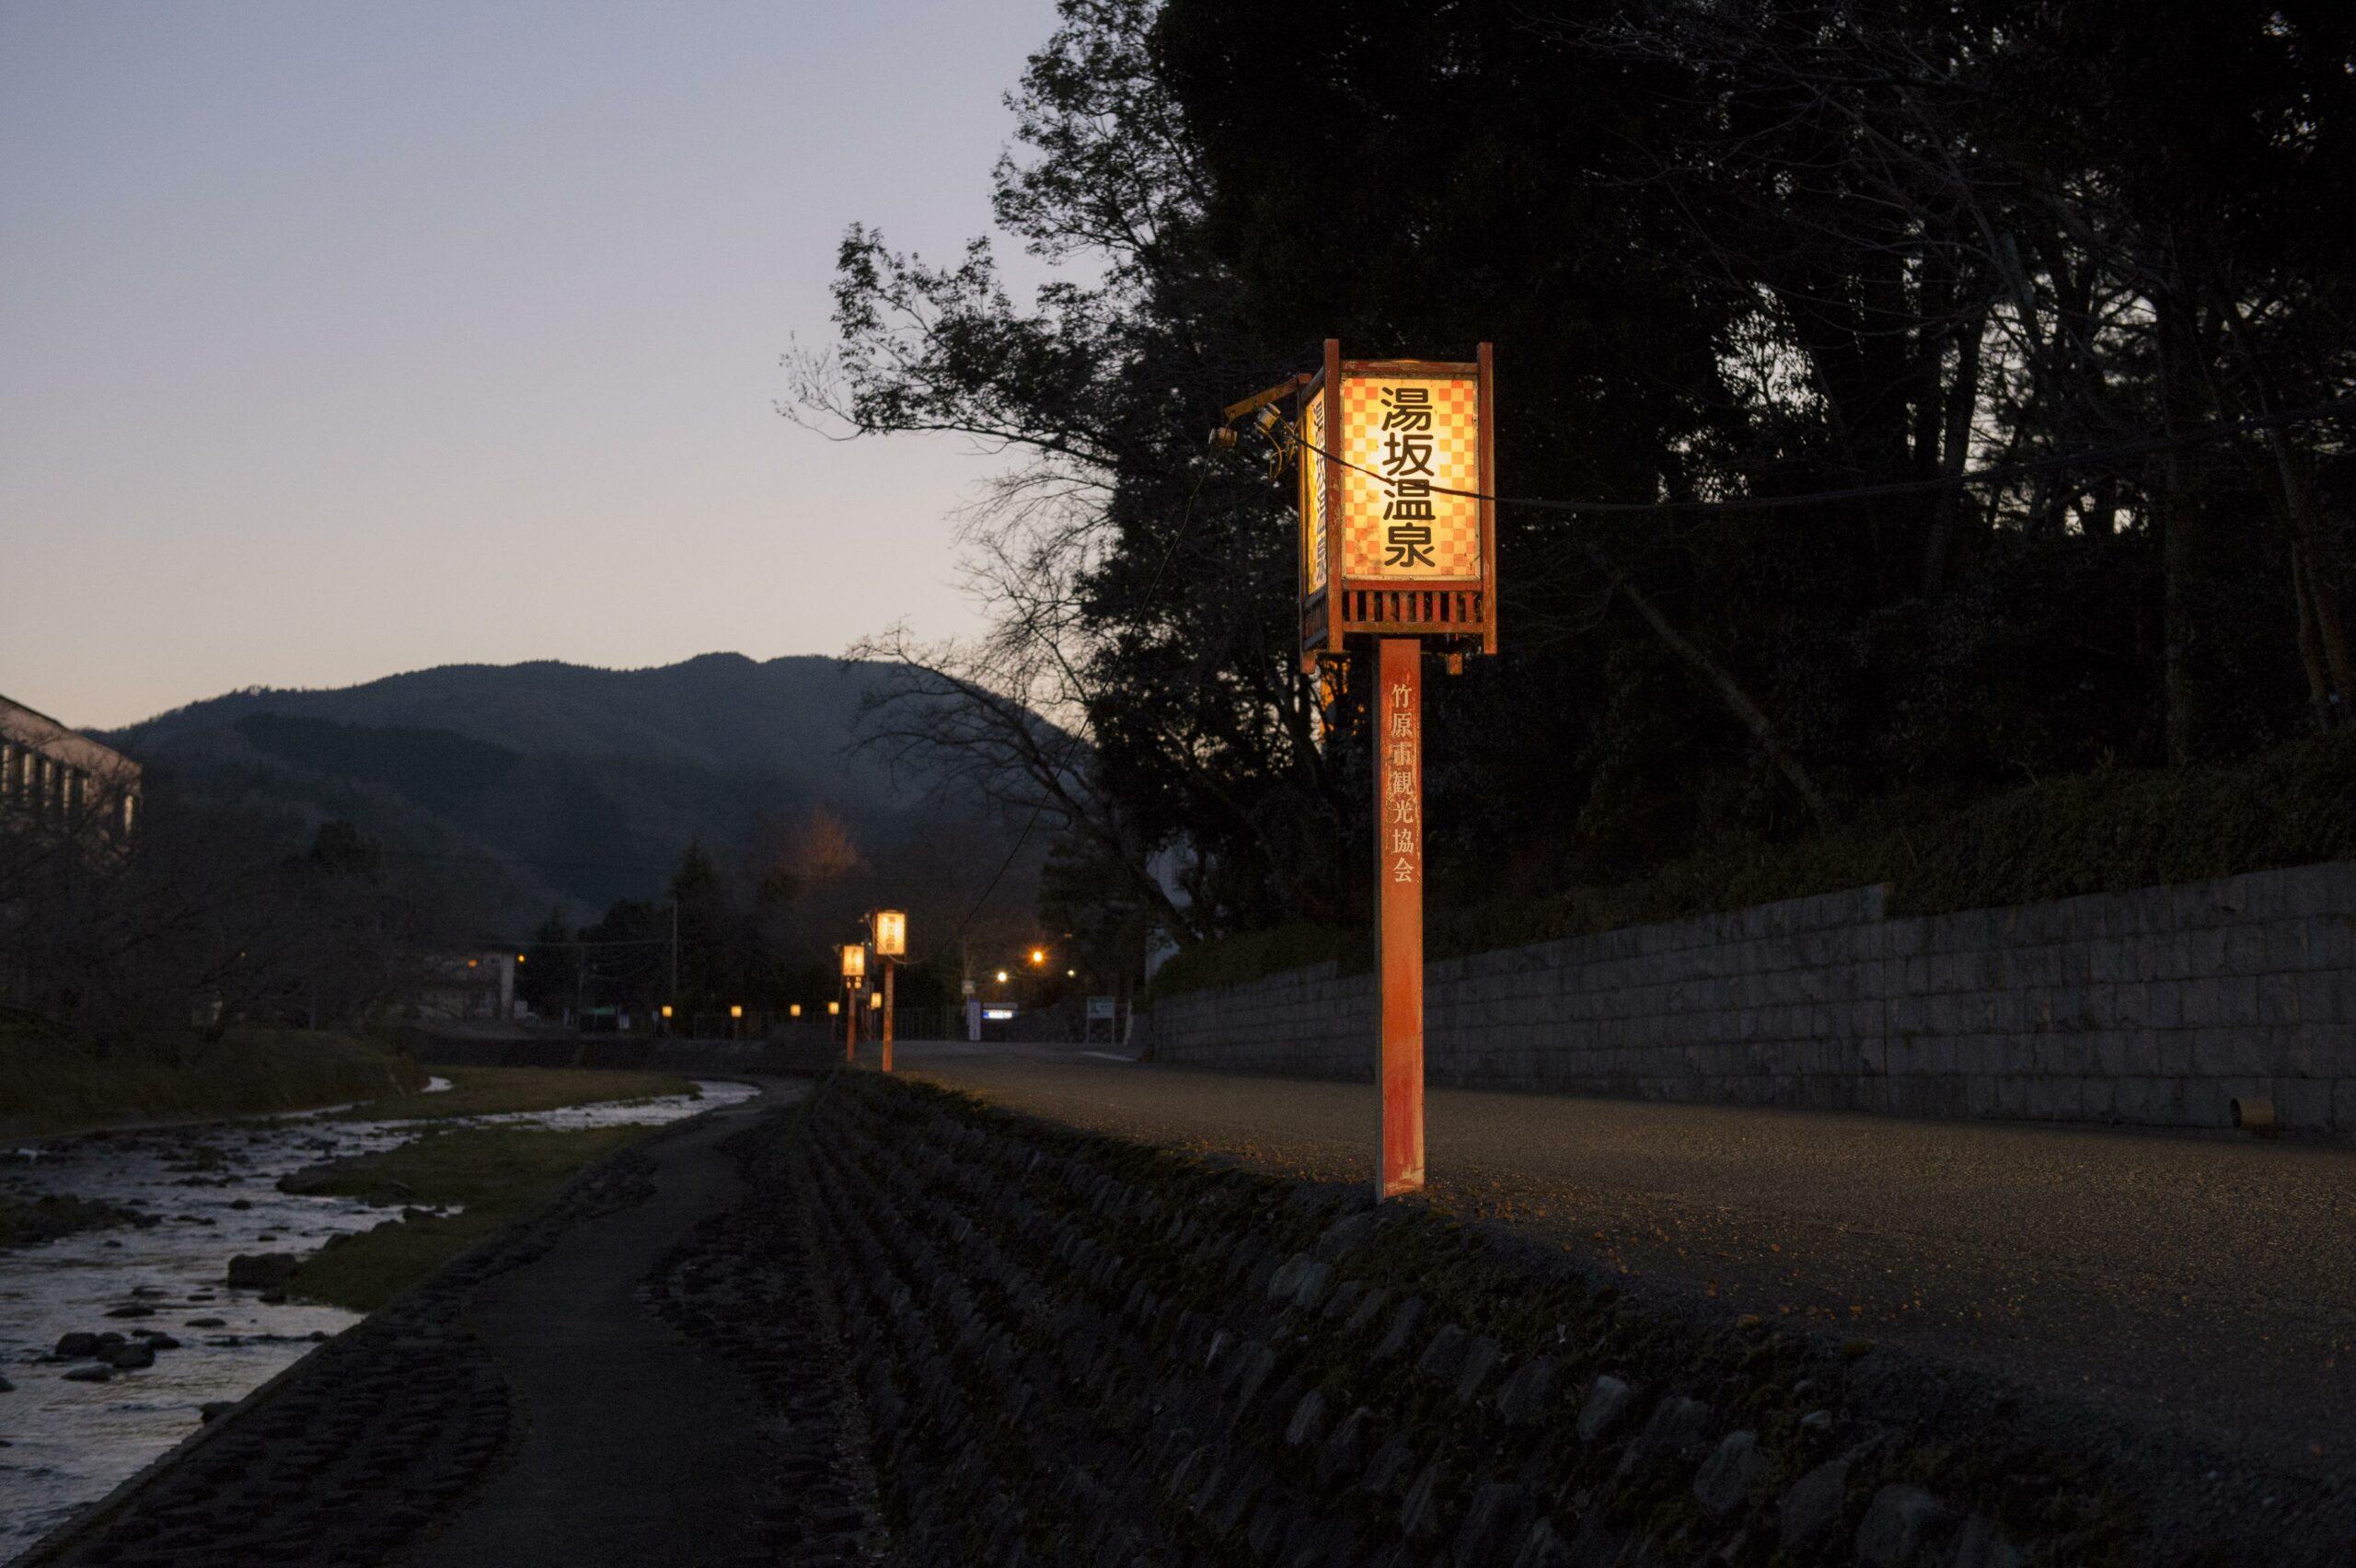 湯坂温泉郷